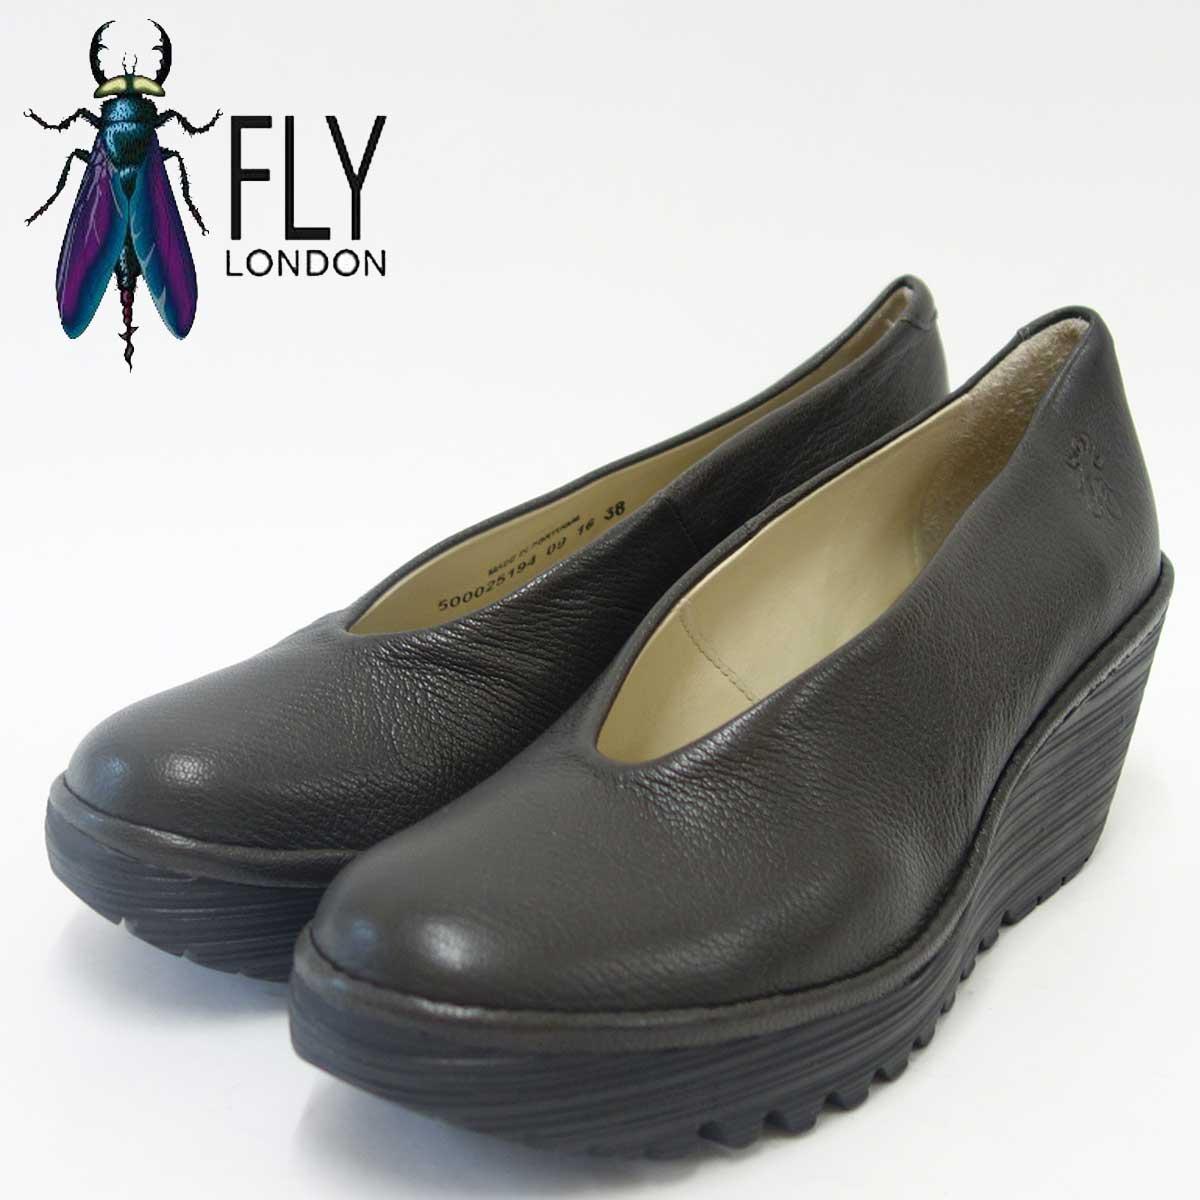 FLY LONDON フライロンドンYAZ 500025 NICOTINE厚底ウェッジシューズ「靴」